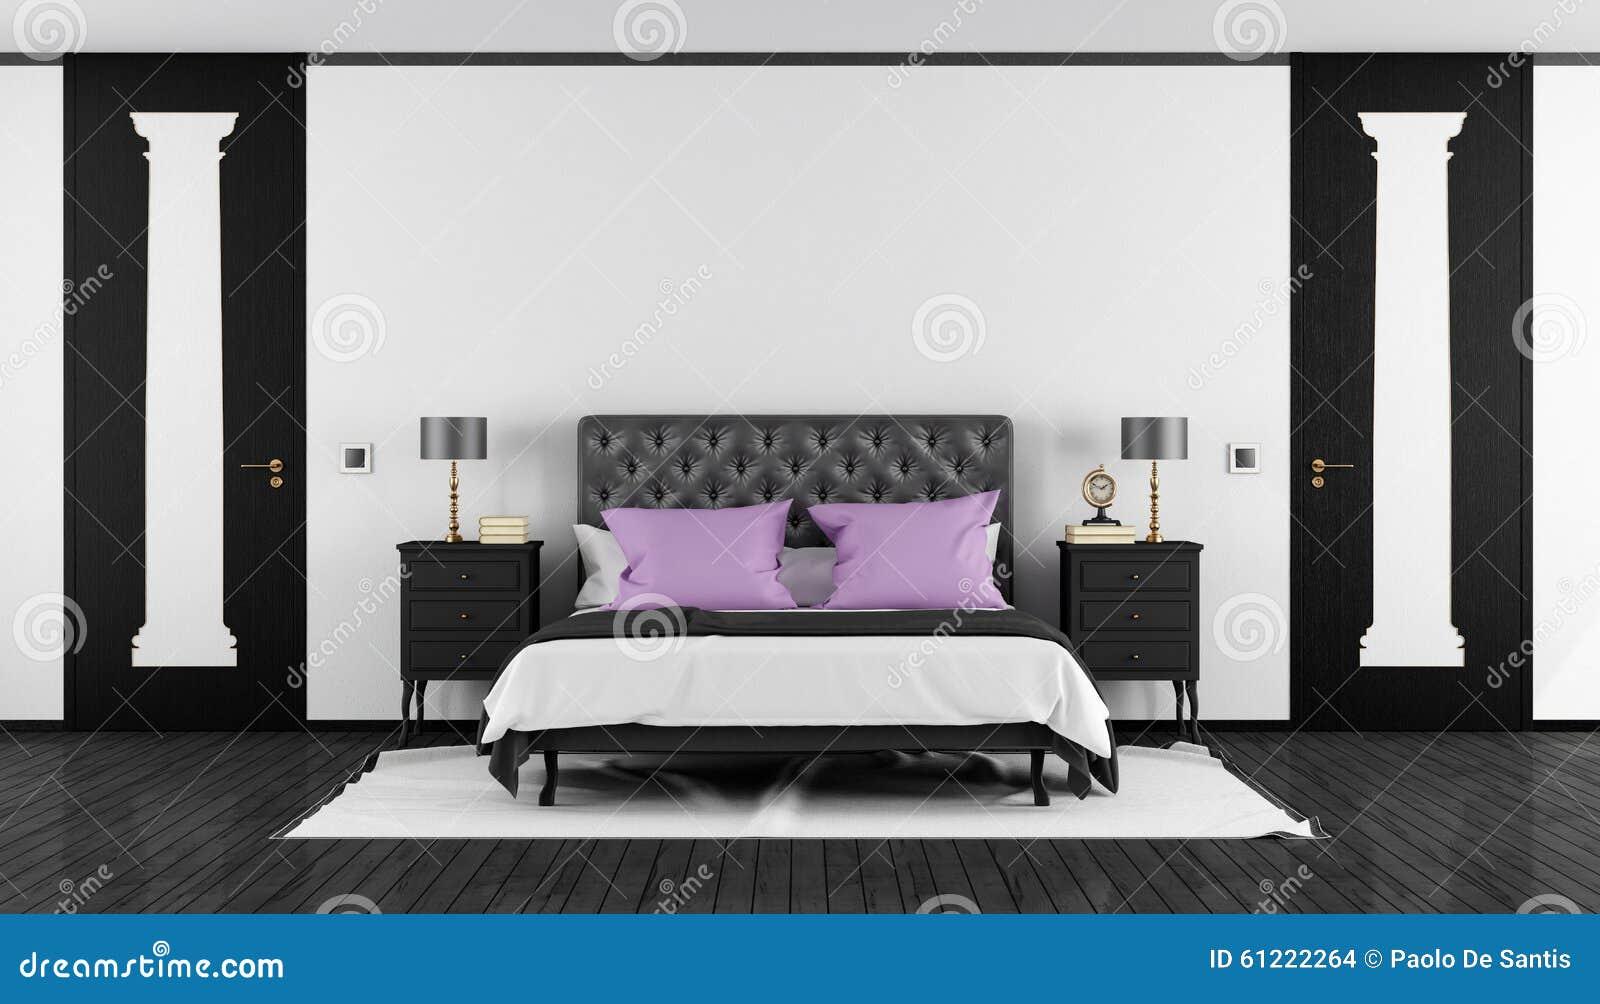 Camere Da Letto In Bianco E Nero : Camere da letto nere stampato arte pittura ad olio fiore